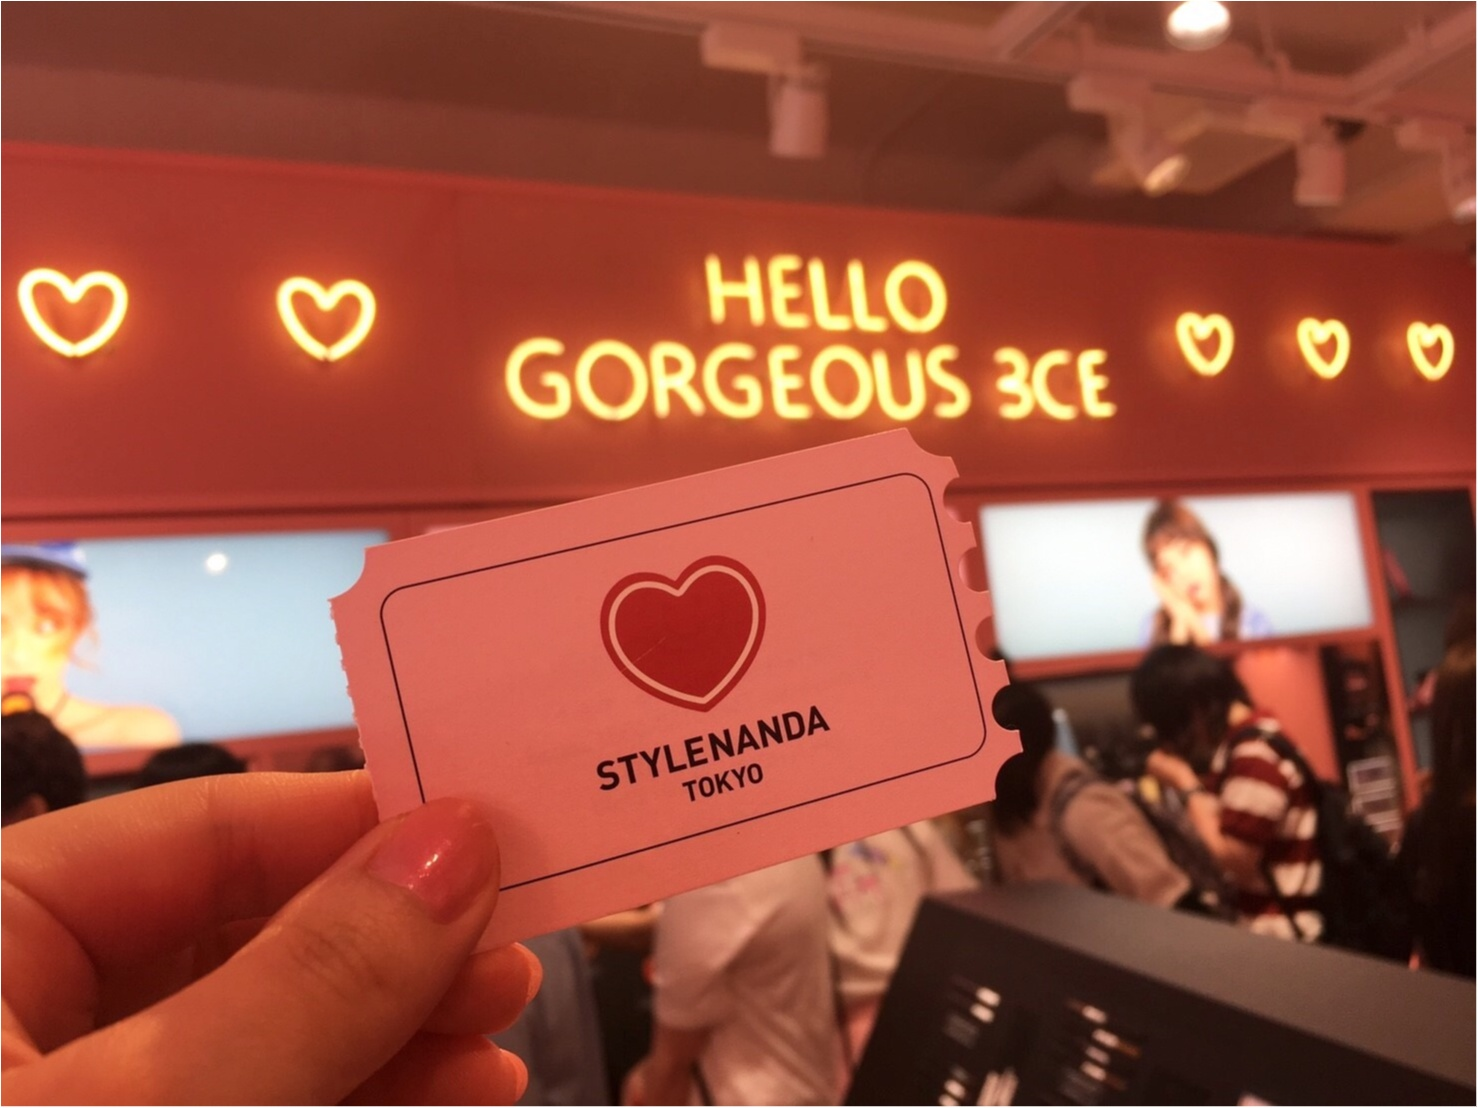 【Beauty】韓国コスメの代表格!可愛すぎ♡スタイルナンダ 3CEが原宿にOPEN♥_5